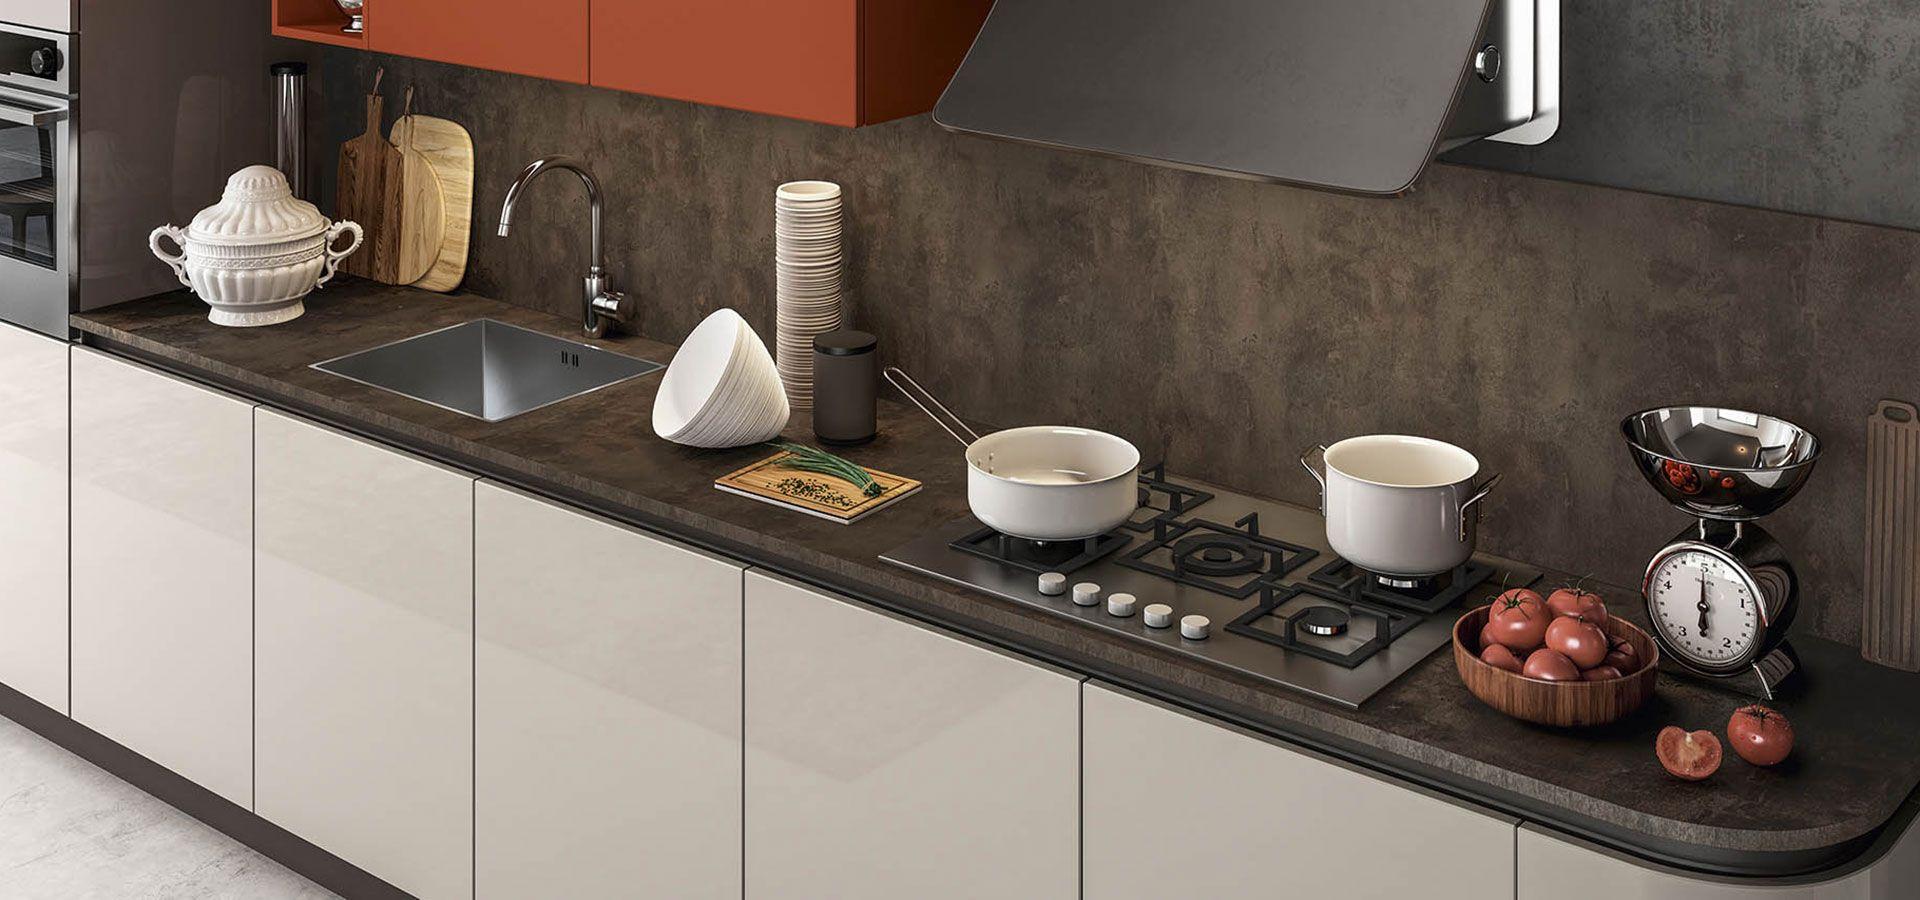 Cucina Moderna - Time Finiture: ecrù lucido, mattone opaco | Top ...